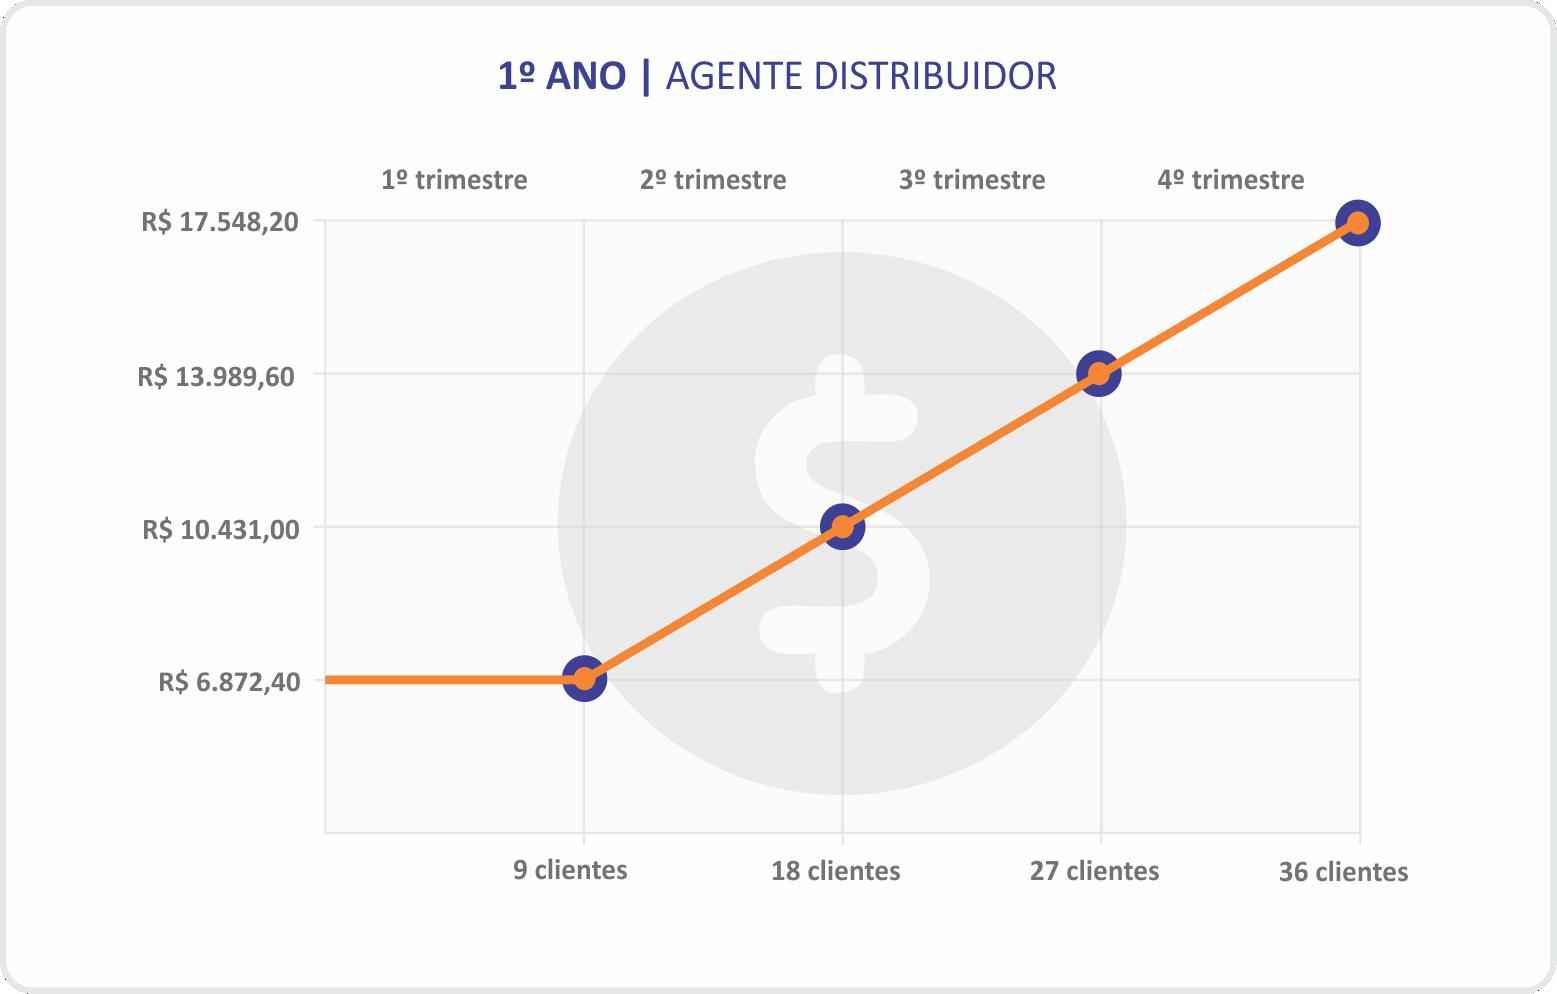 canais de venda-agente distribuidor-site institucional